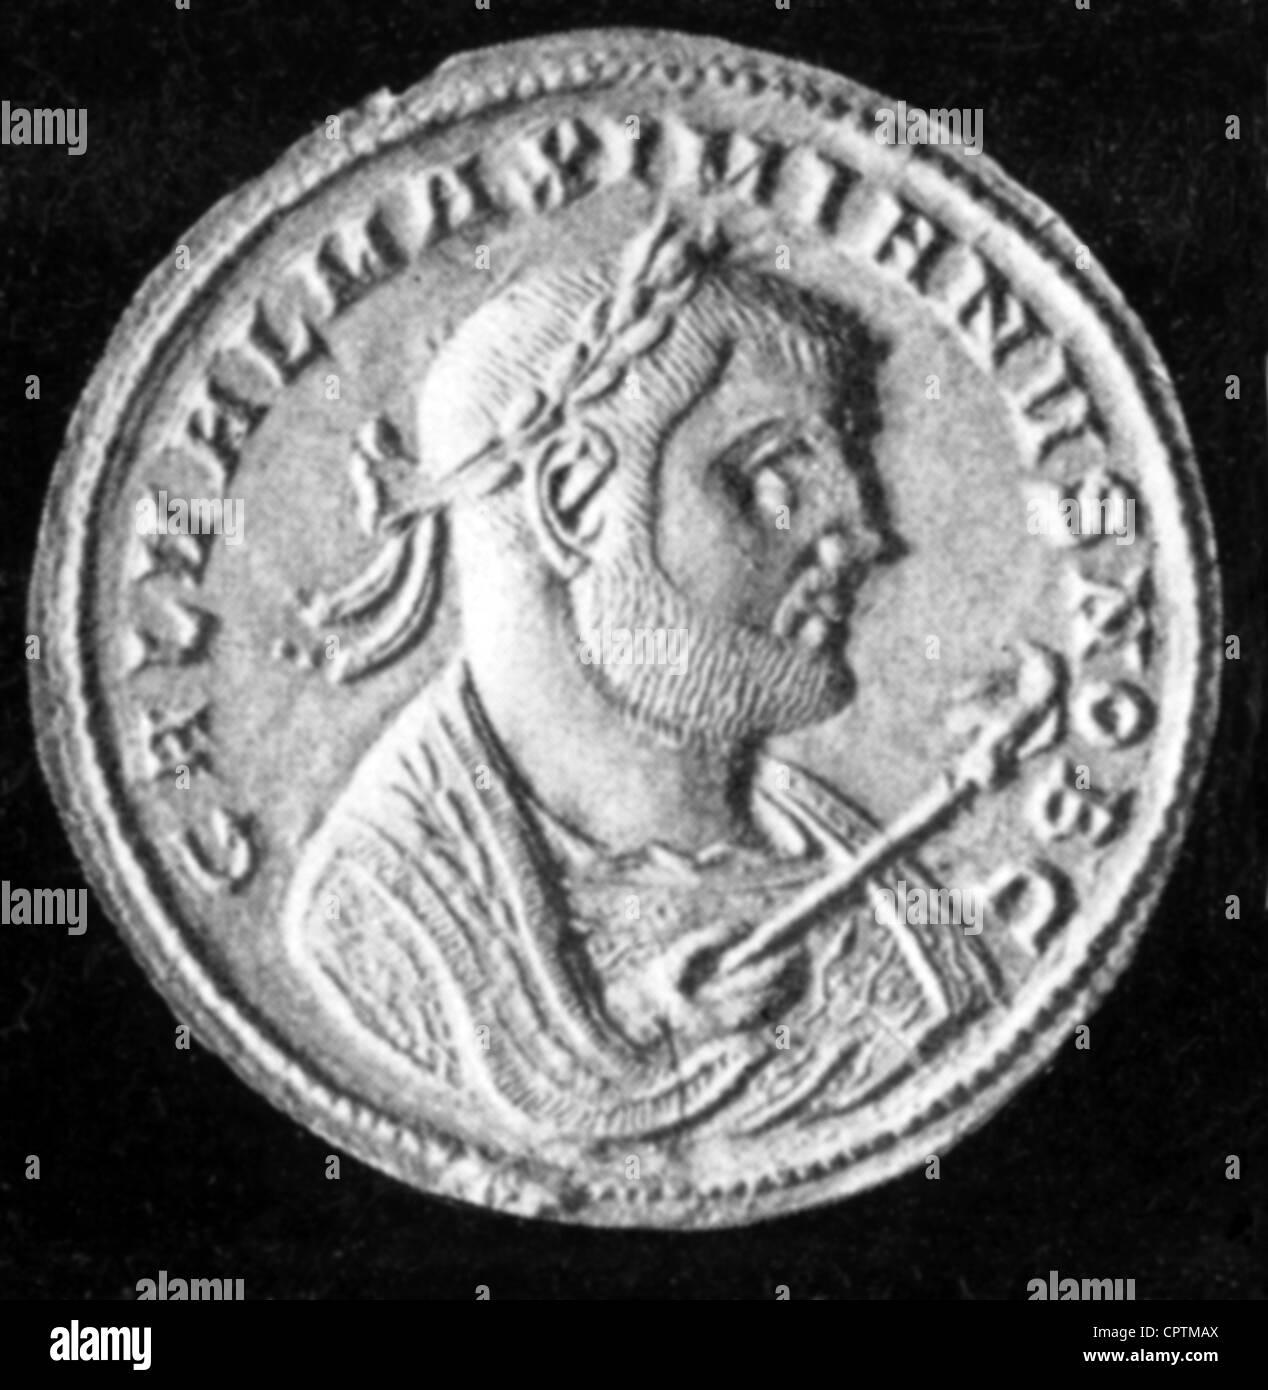 Galba, Servius Sulpicius, 24.12.3 BC - 15.1.69 annuncio, imperatore romano 3.4.68 - 15.1.69, ritratto, Coin, Romani, Immagini Stock